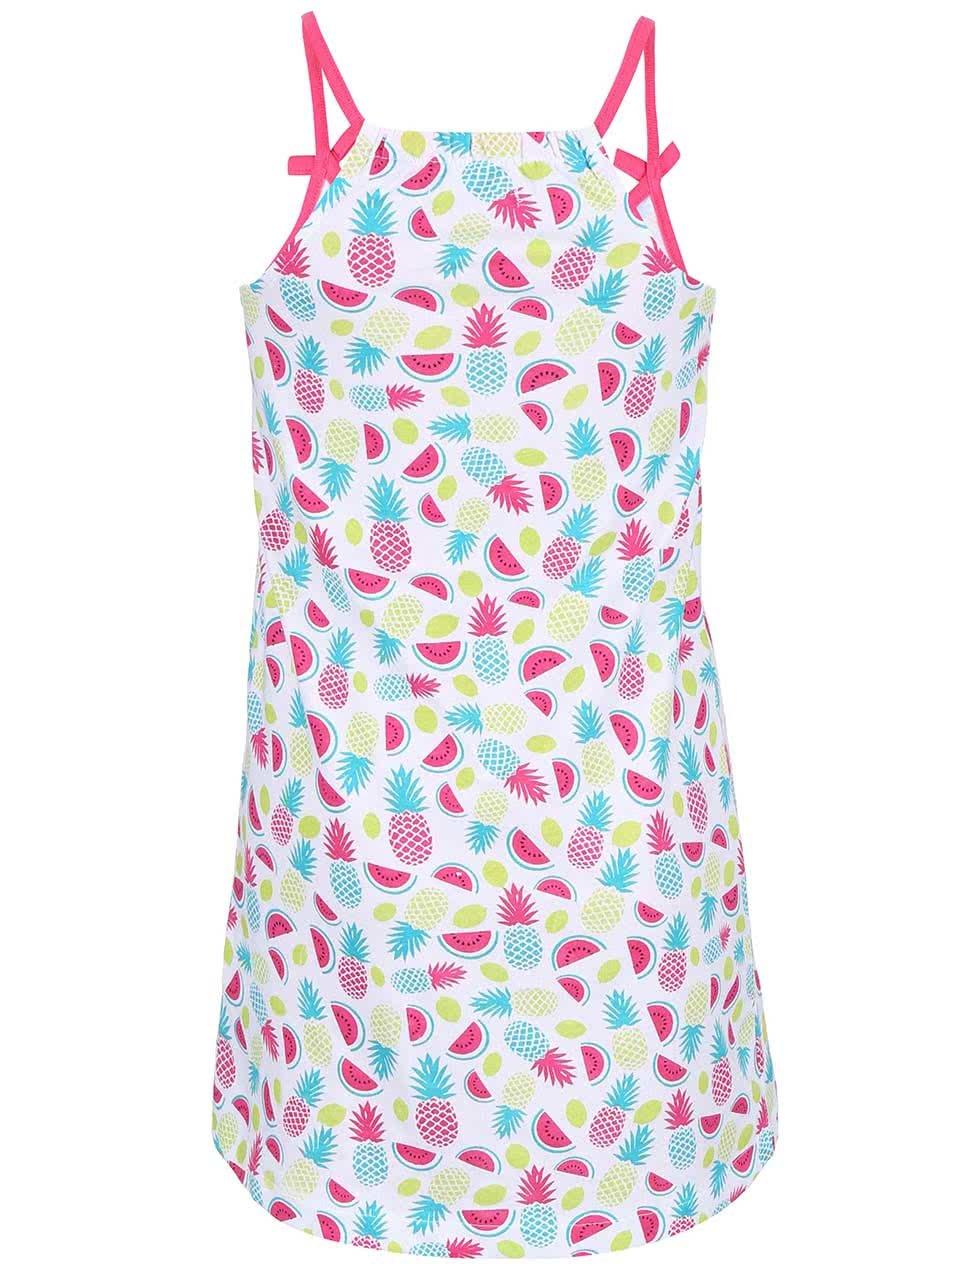 0fb0d24229e7 Biele dievčenské šaty s potlačou ovocia Blue Seven ...